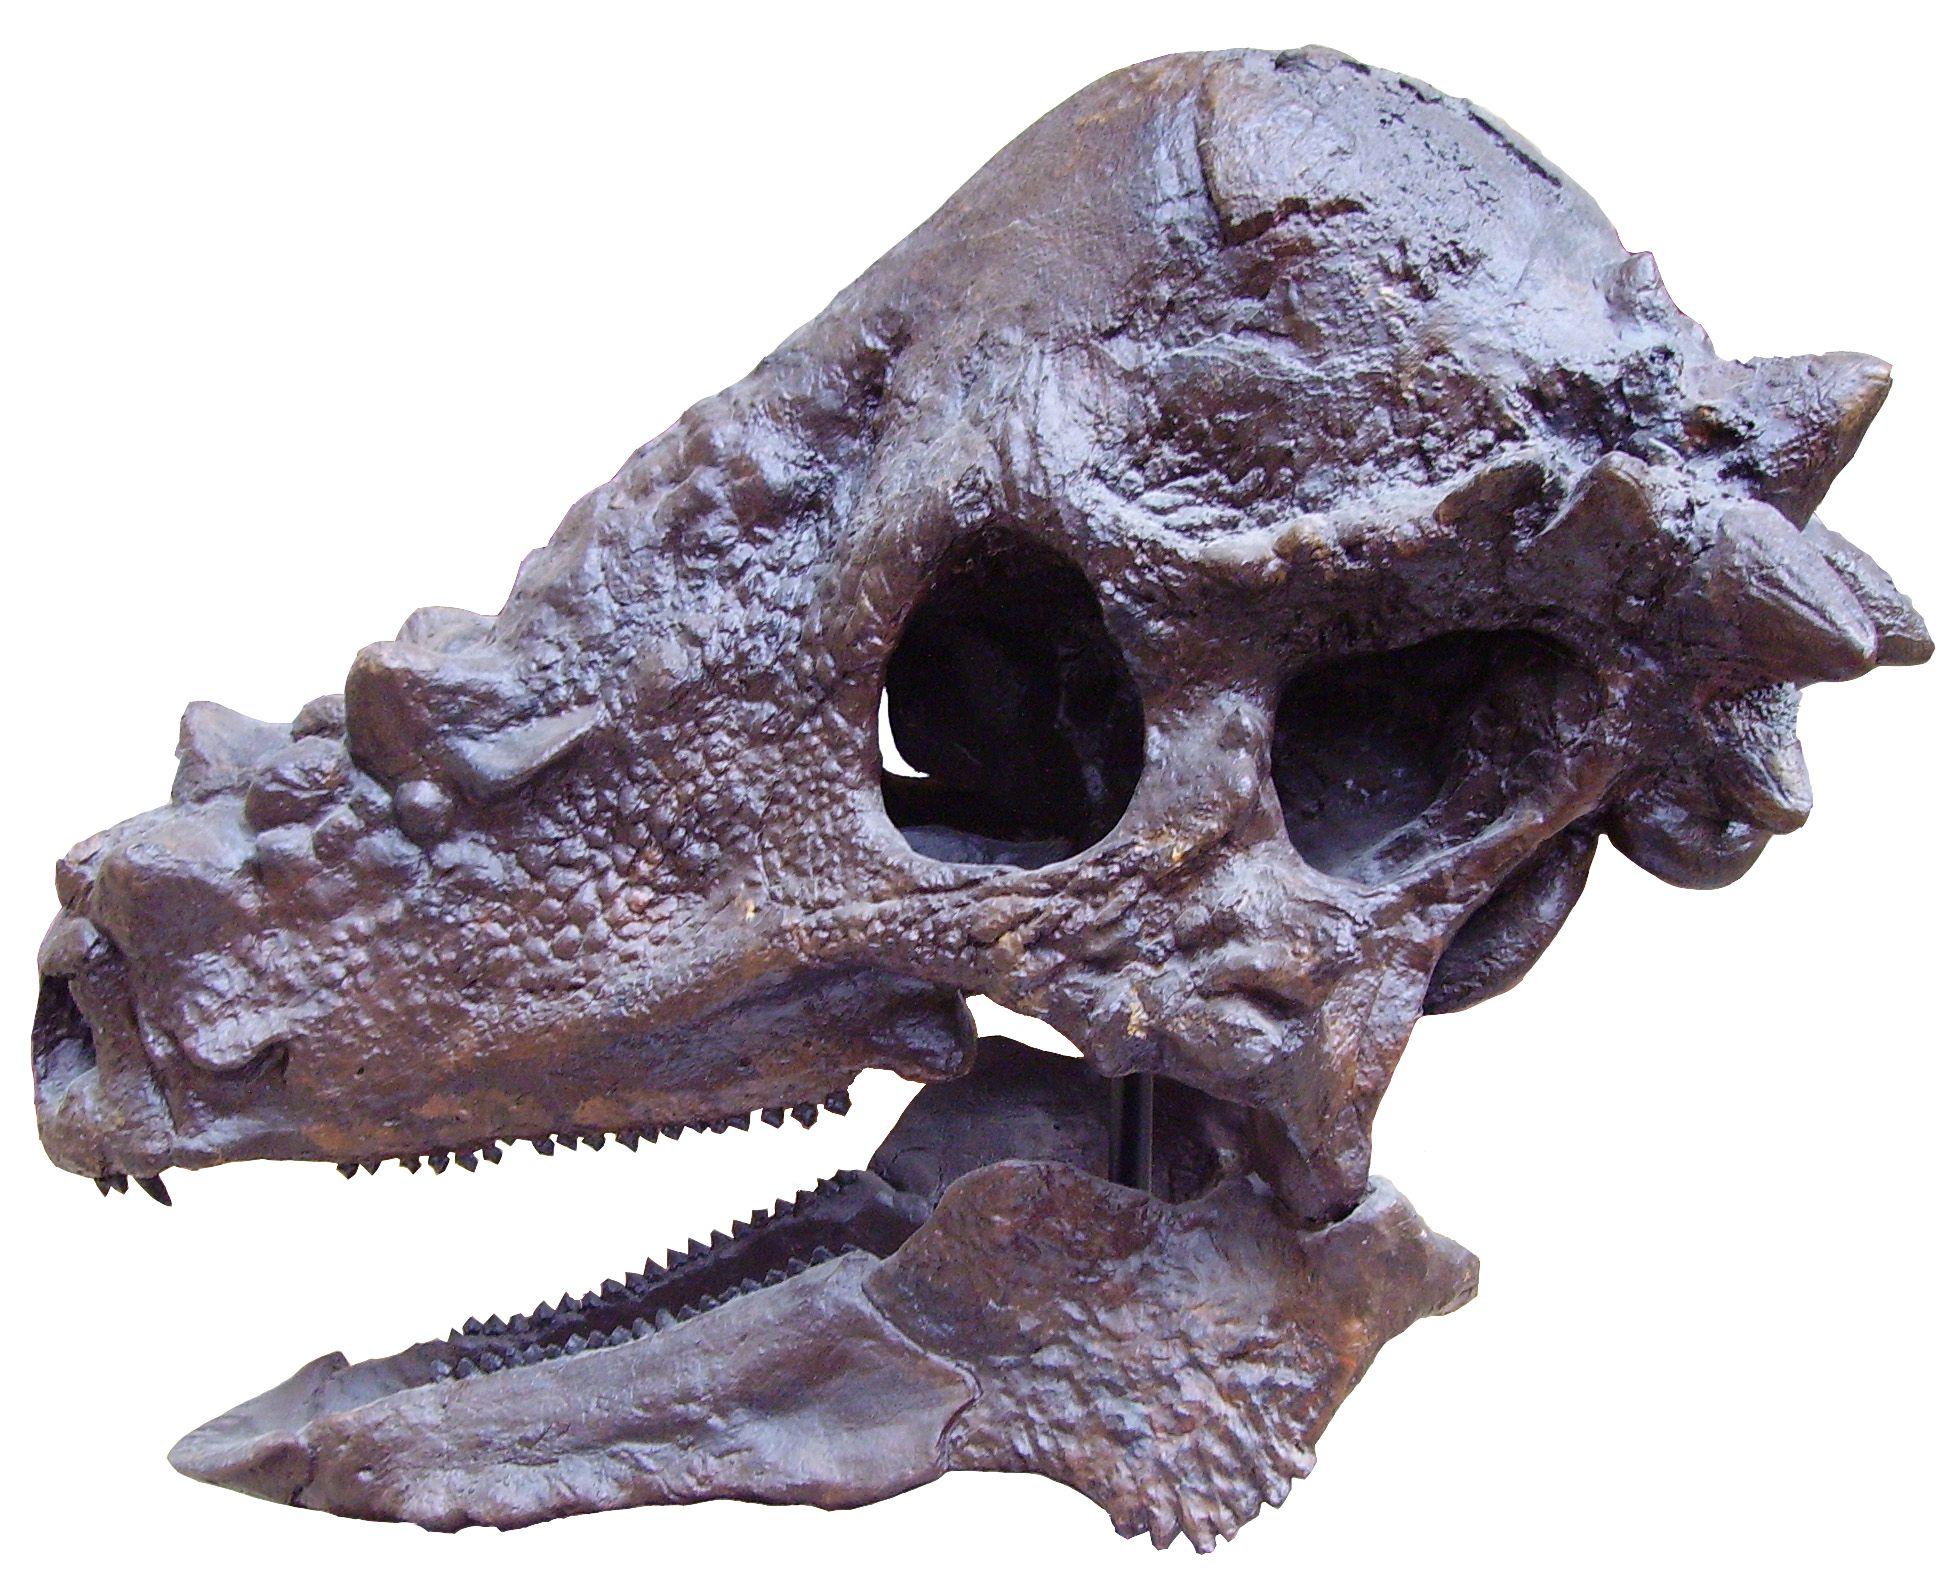 Estos Dinosaurios Herbivoros Eran Verdaderos Knuckleheads Herbívoros con cabeza pequeña y cuello y cola largas. eran verdaderos knuckleheads